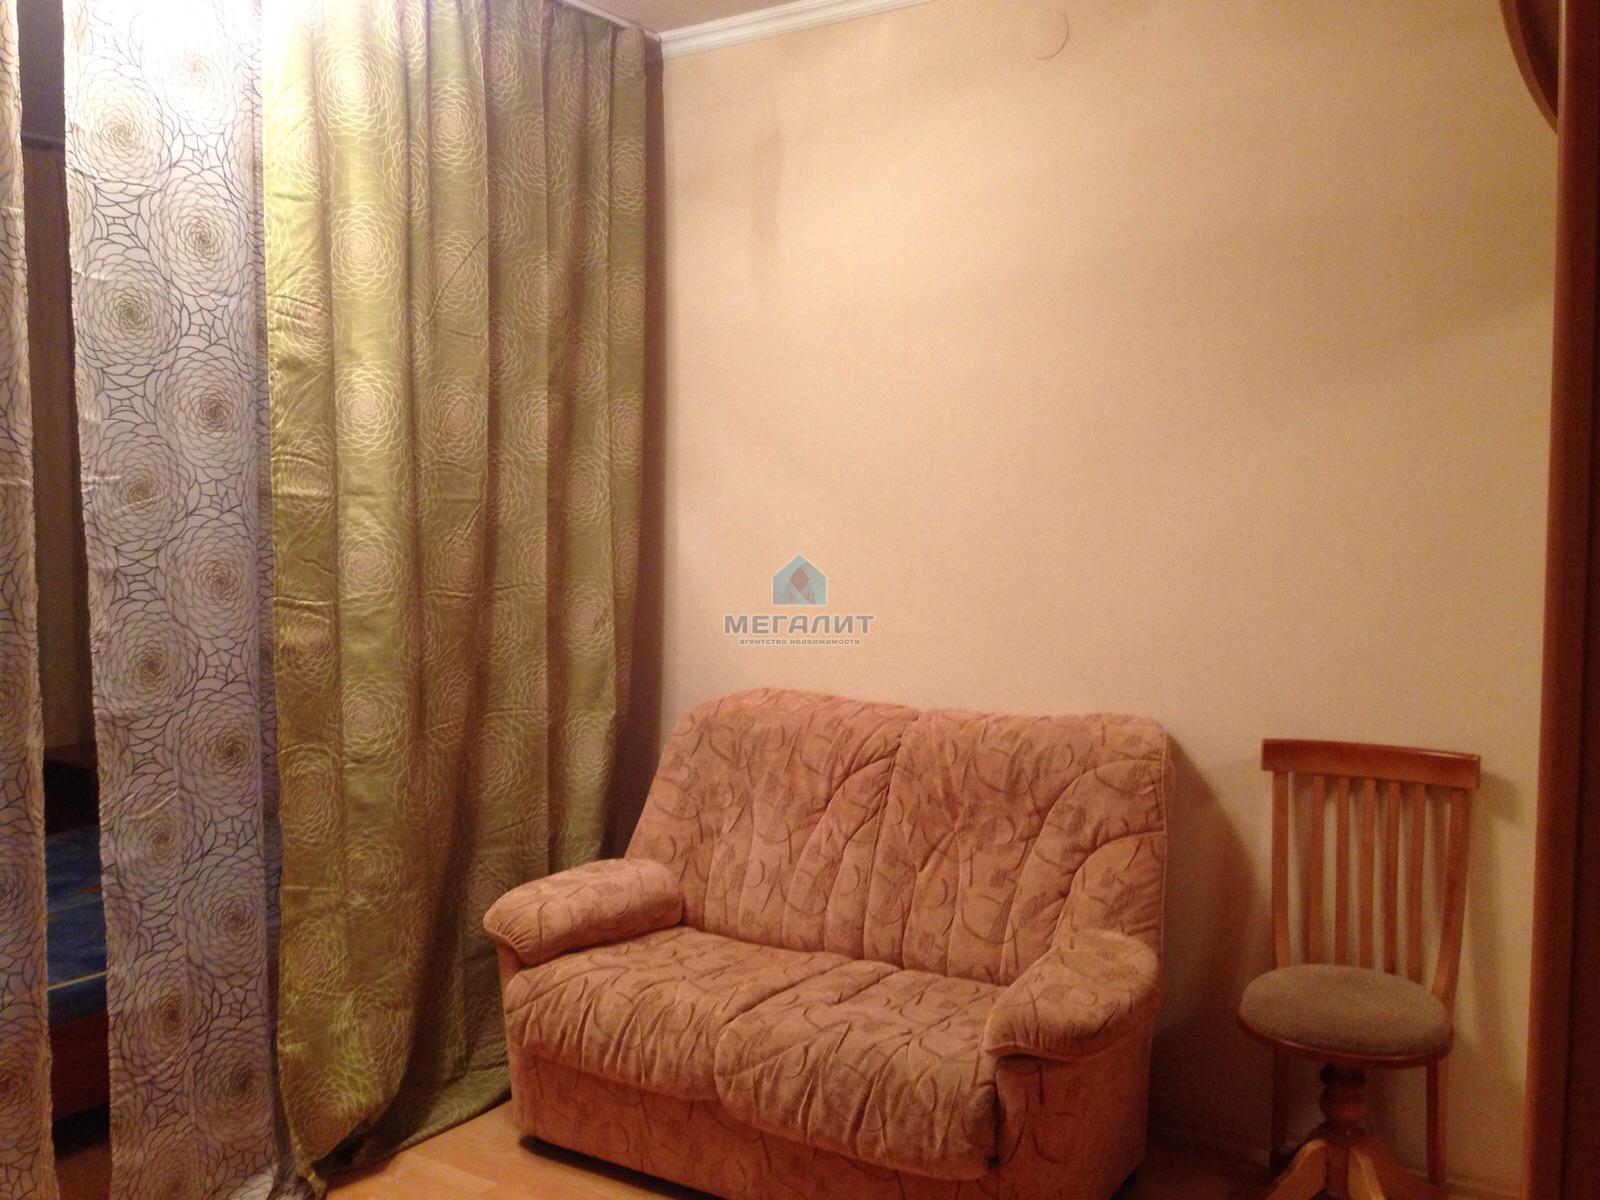 Аренда 1-к квартиры Мидхата Булатова 5, 50.0 м² (миниатюра №9)